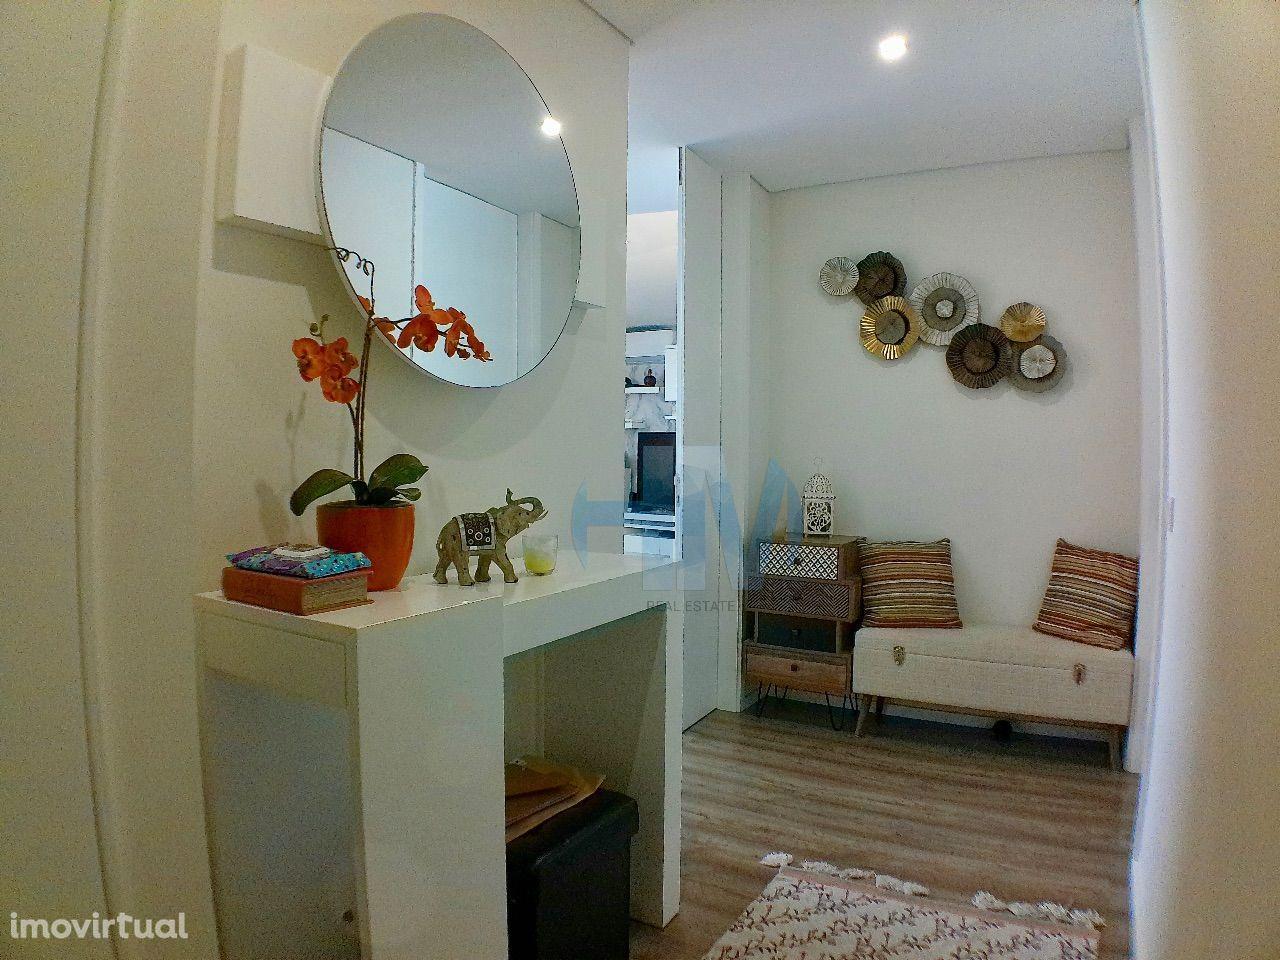 Apartamento T3 como NOVO (2019) situado em Rio Tinto (Venda Nova)